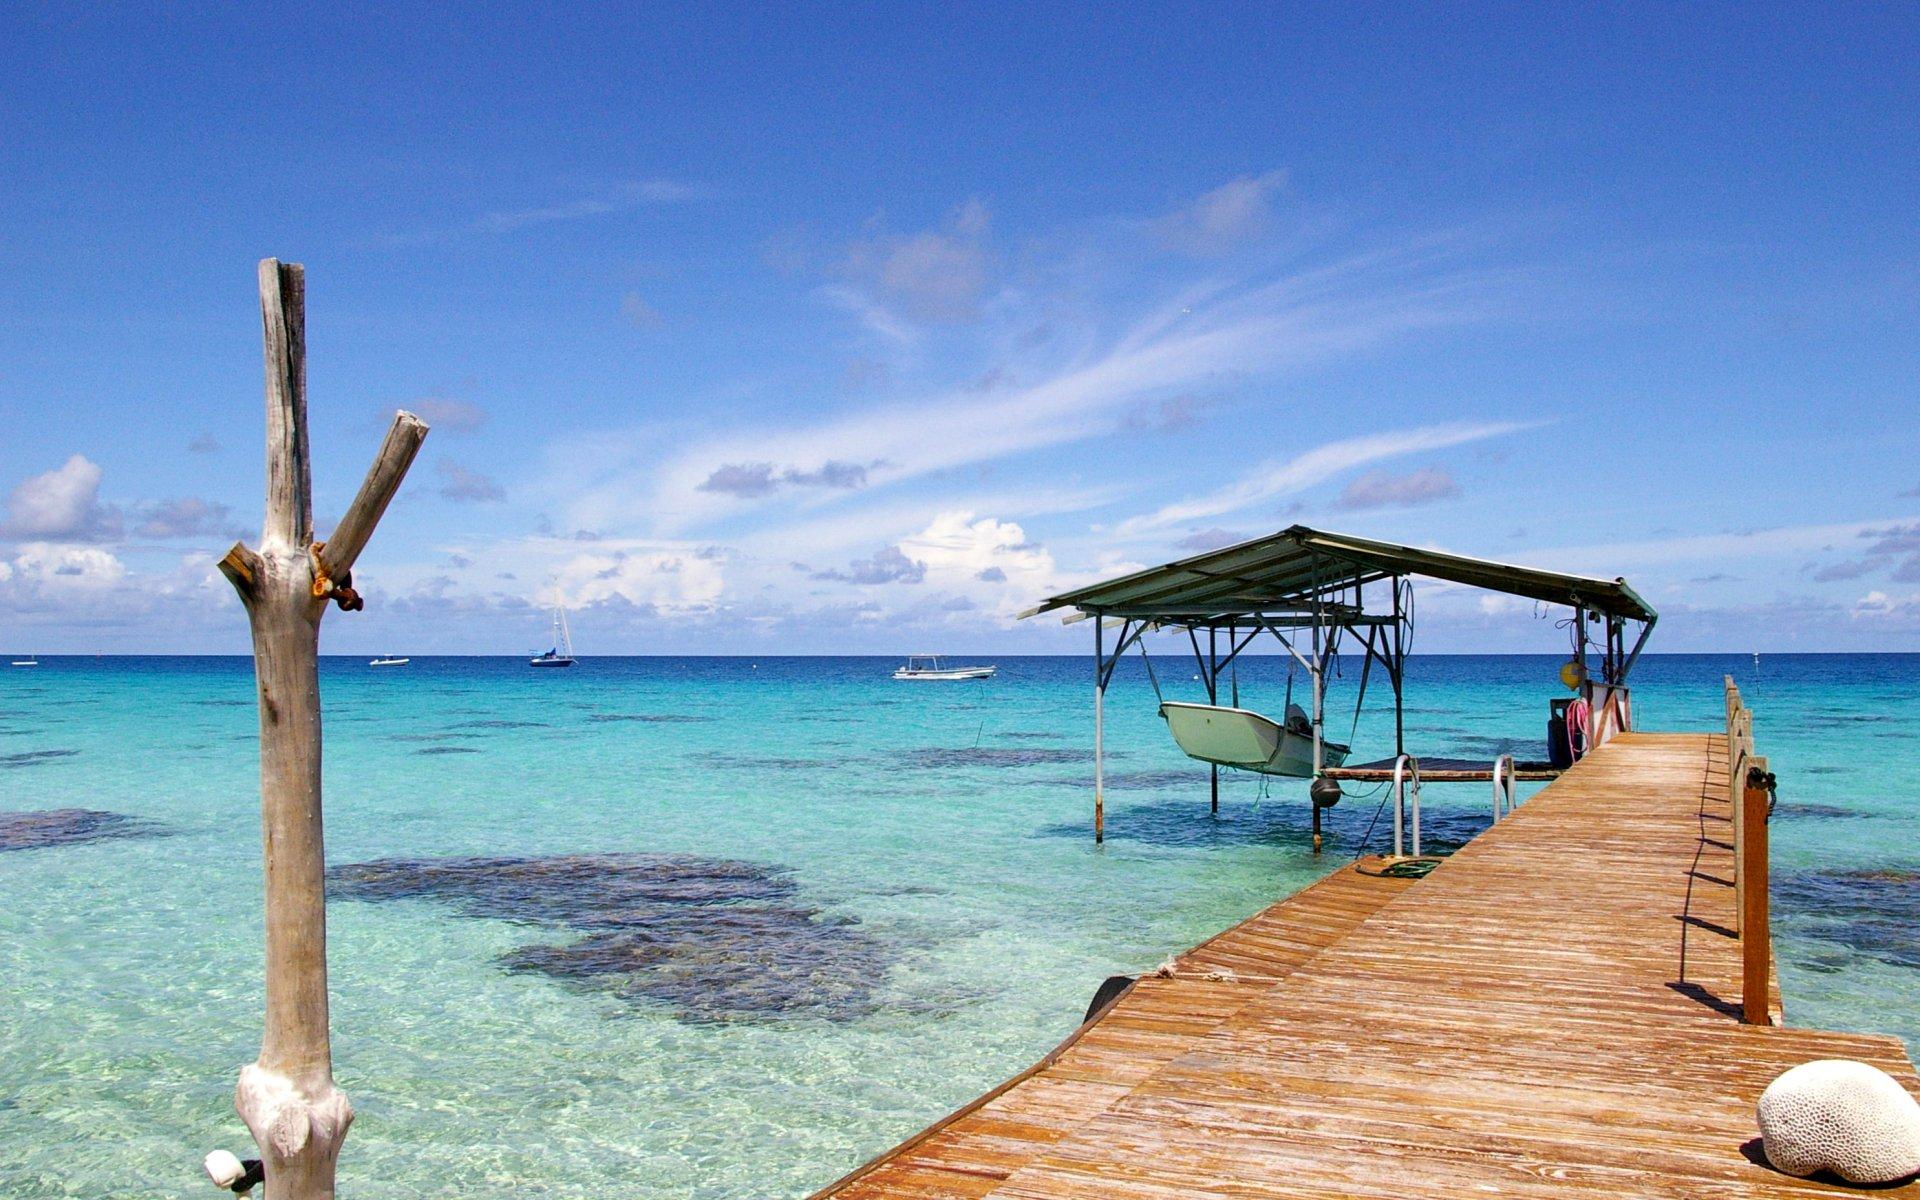 море, песок, пляж, фото, пальмы, пирс, пристань